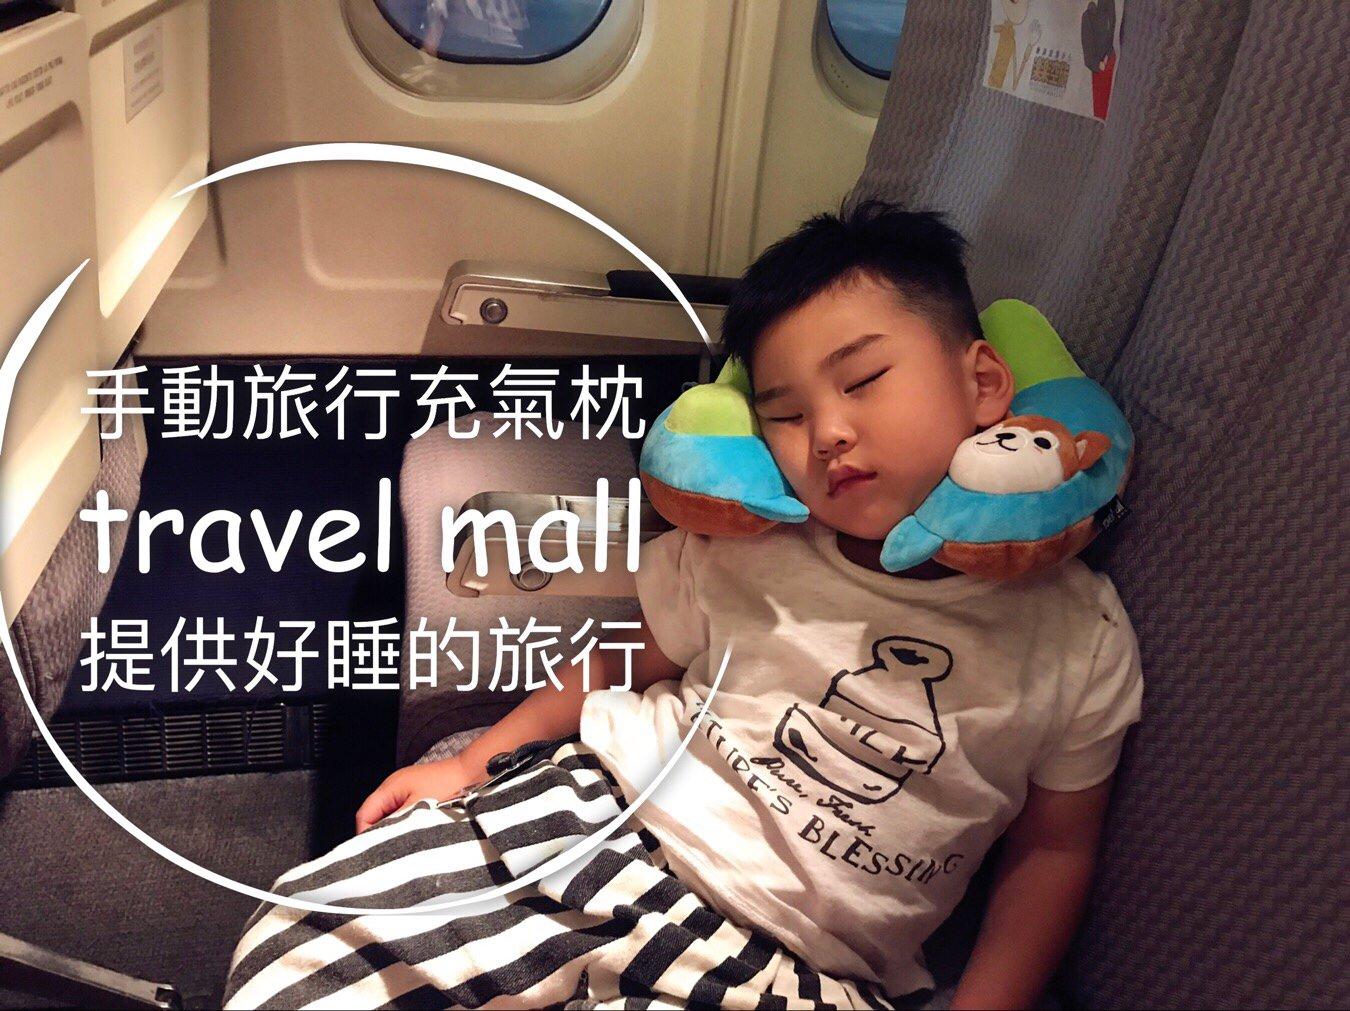 出國必備好物|| 瑞士旅行品牌 好攜帶好方便 travelmall手動旅行充氣枕  舒適眼罩 榮獲2017 紅點產品設計大獎殊榮